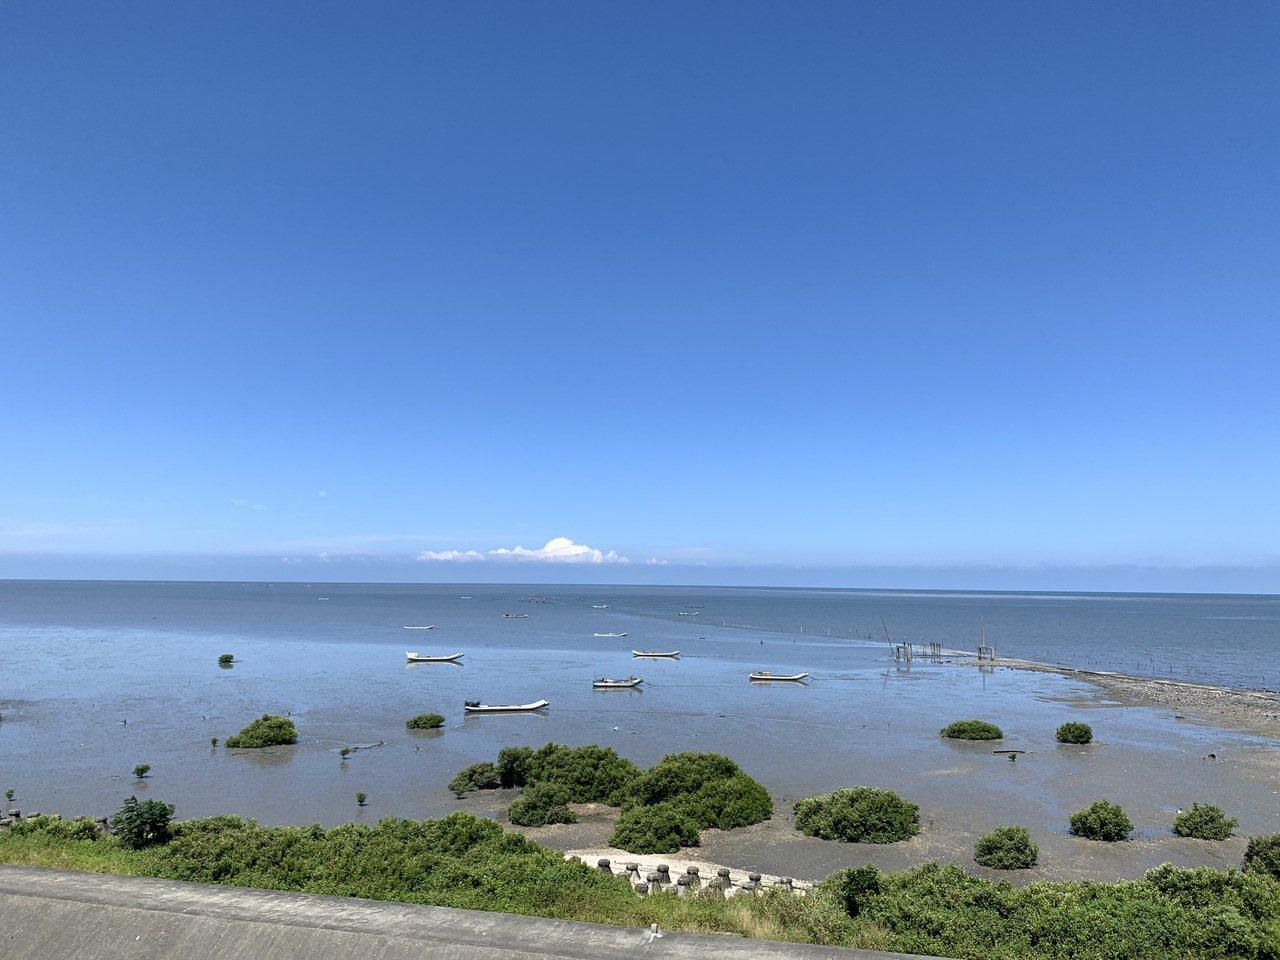 西濱路跑路線可飽覽海岸線美景。圖/舒康運動協會提供